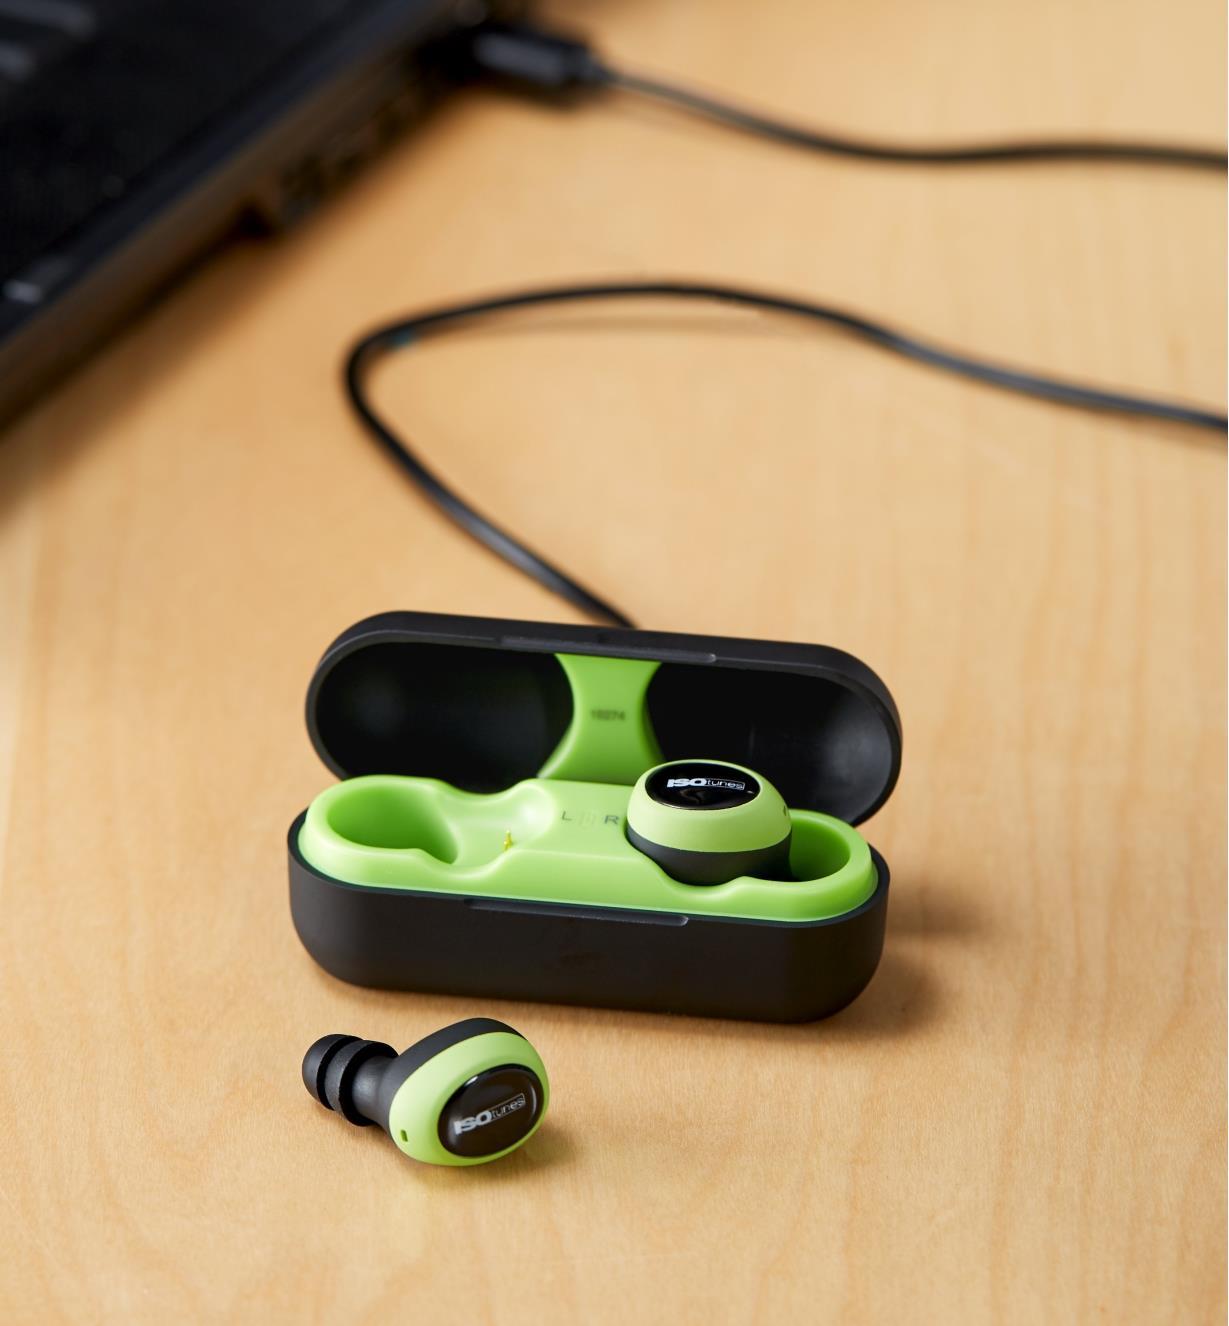 Écouteurs antibruit électroniques sans fil ISOtunes sur une table en bois